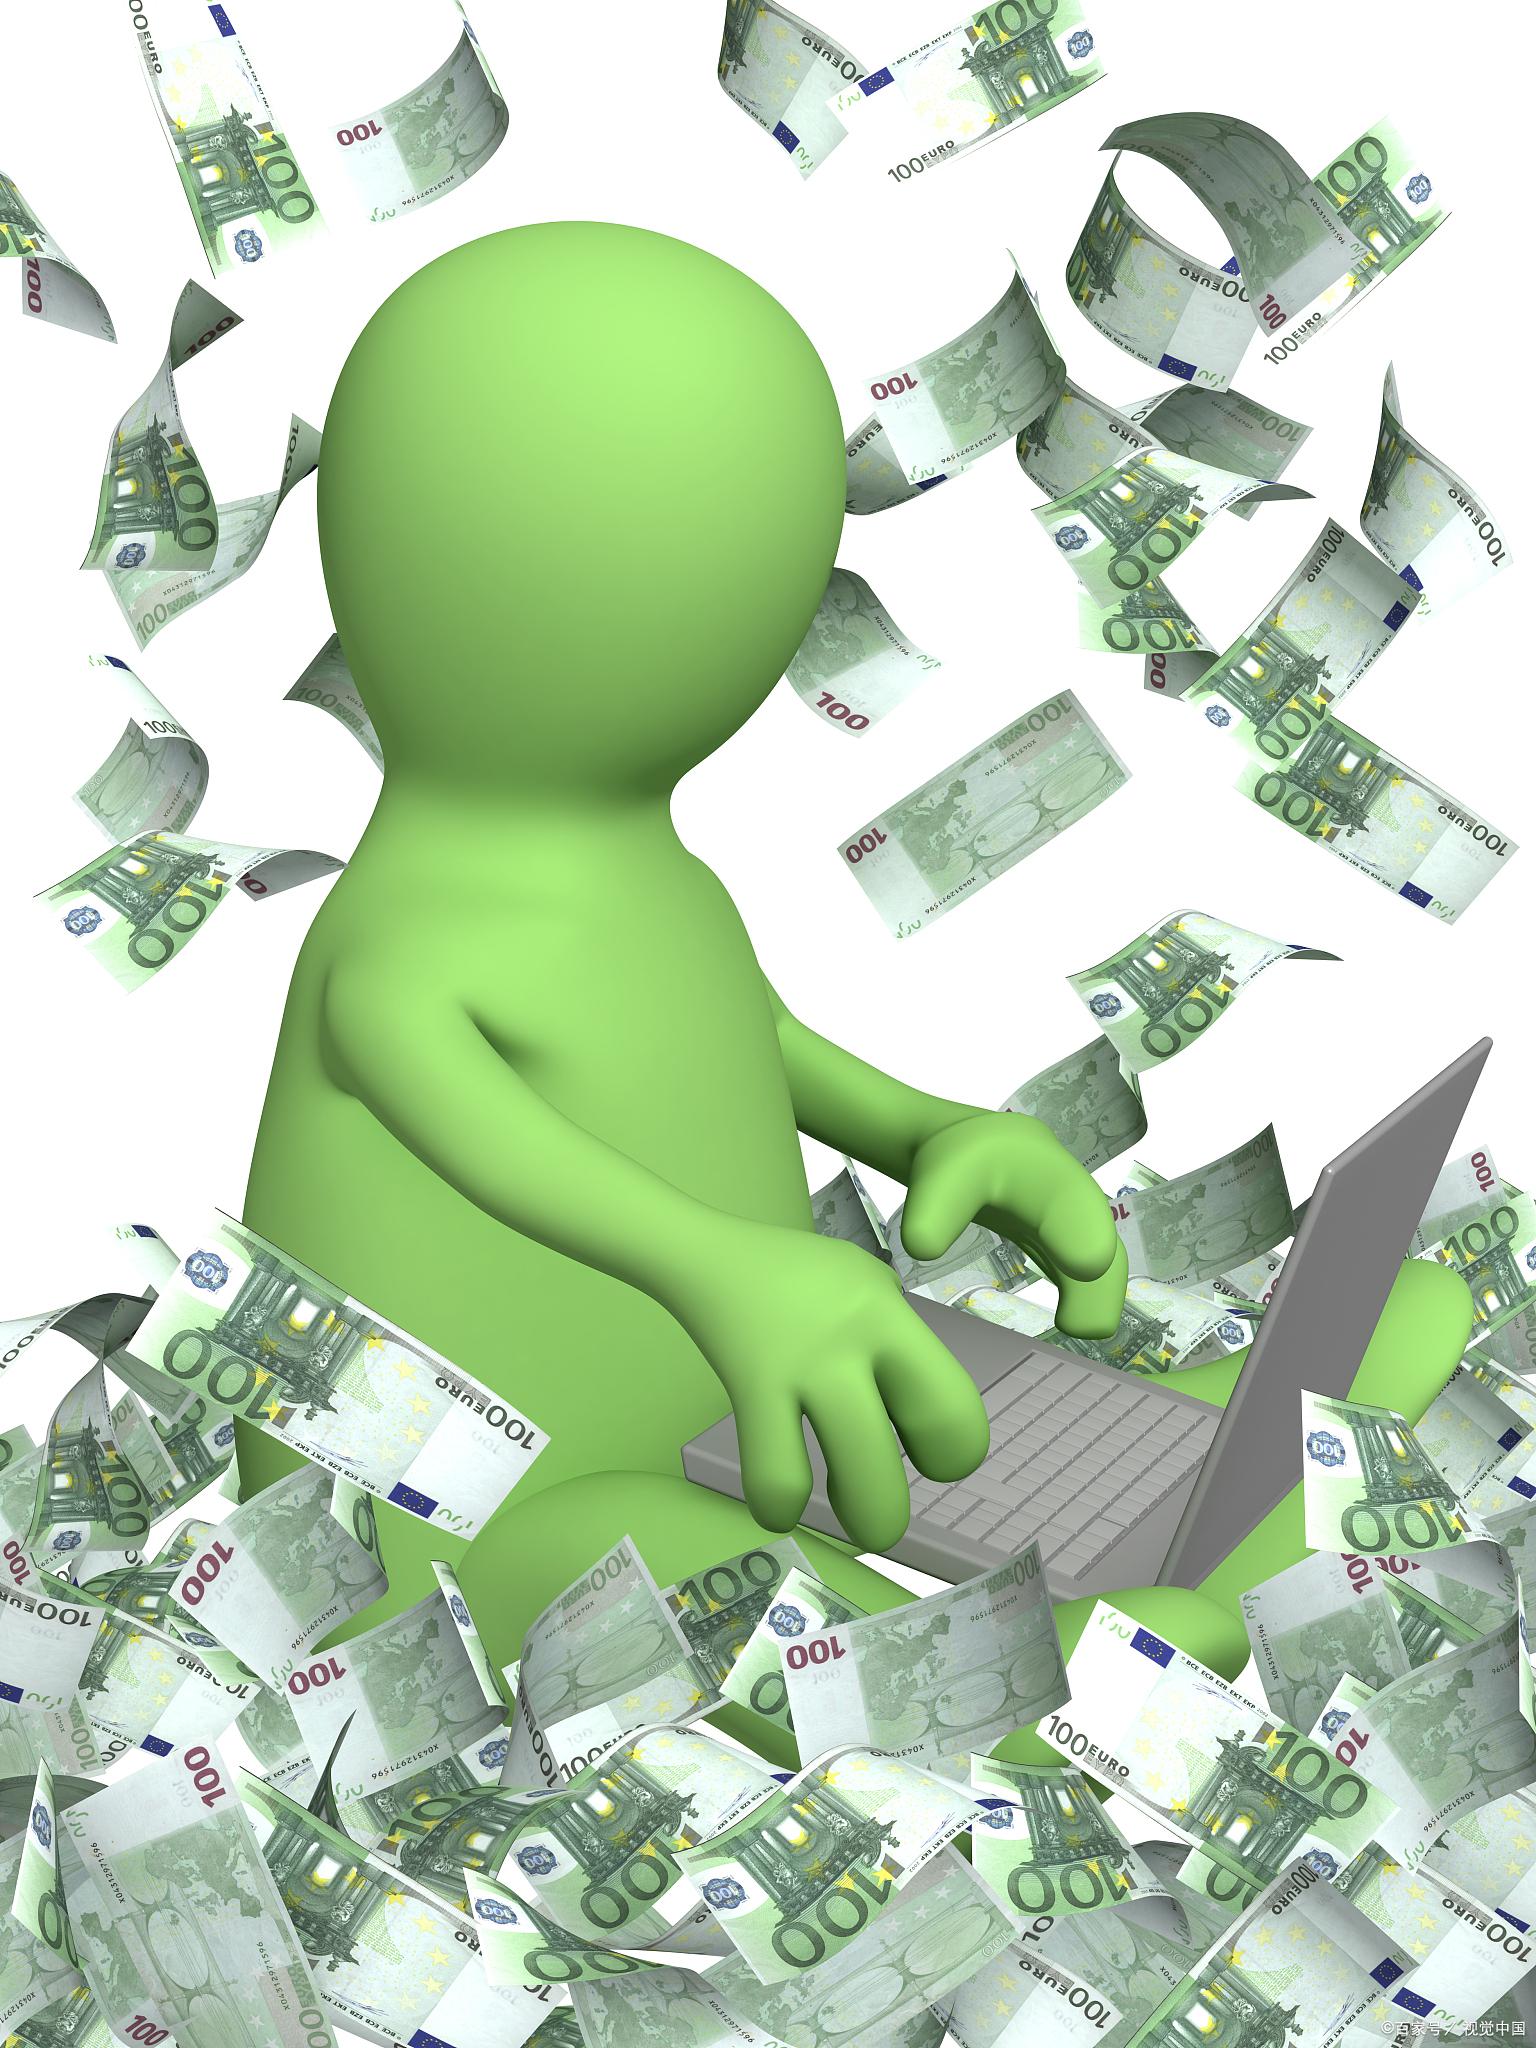 怎么查询自己名下有多少信用卡和银行卡?这些方法你知道吗?